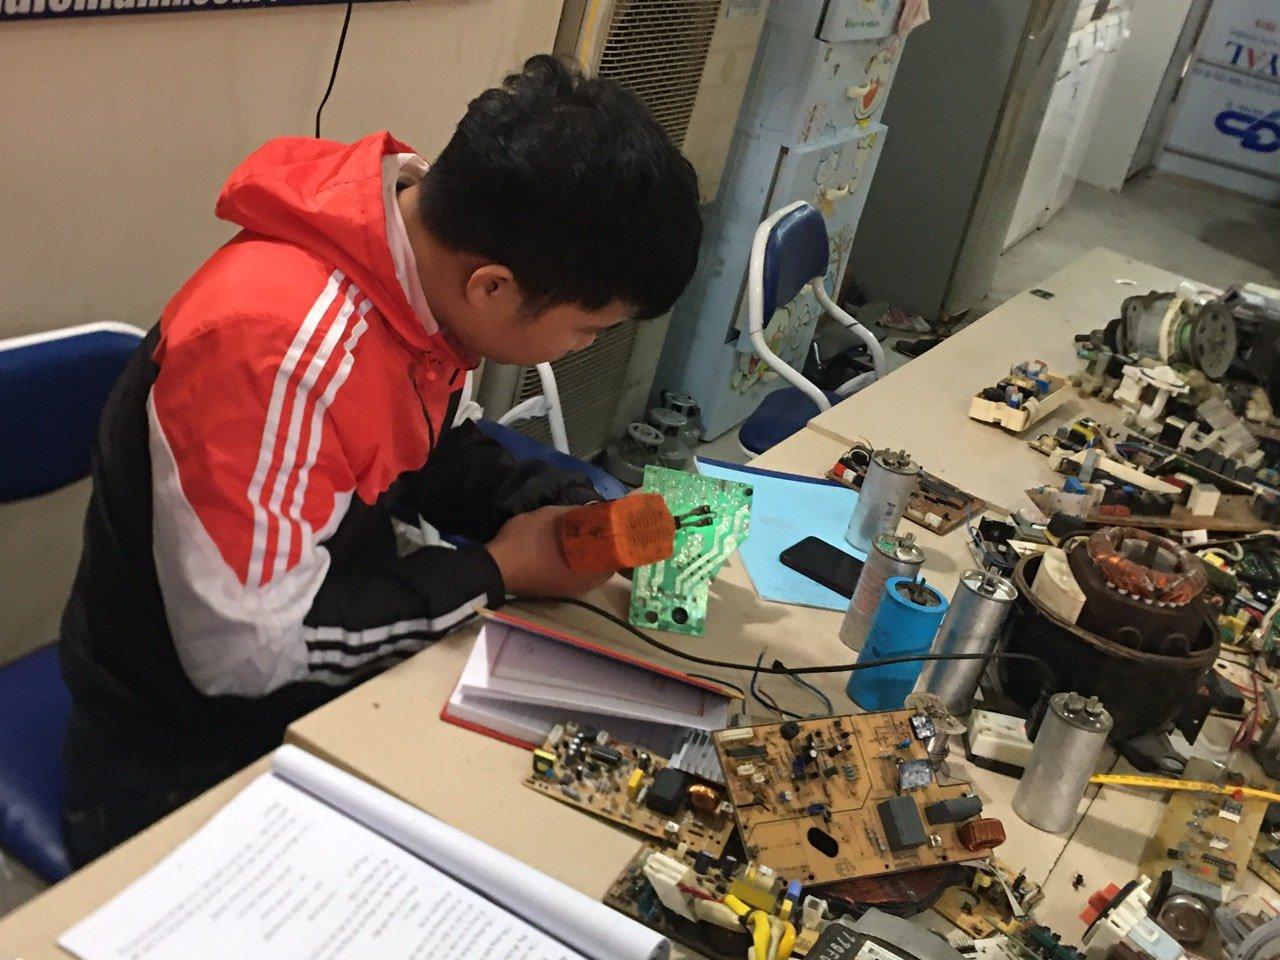 Học viện thực hành sửa chữa điện tử, điện lạnh